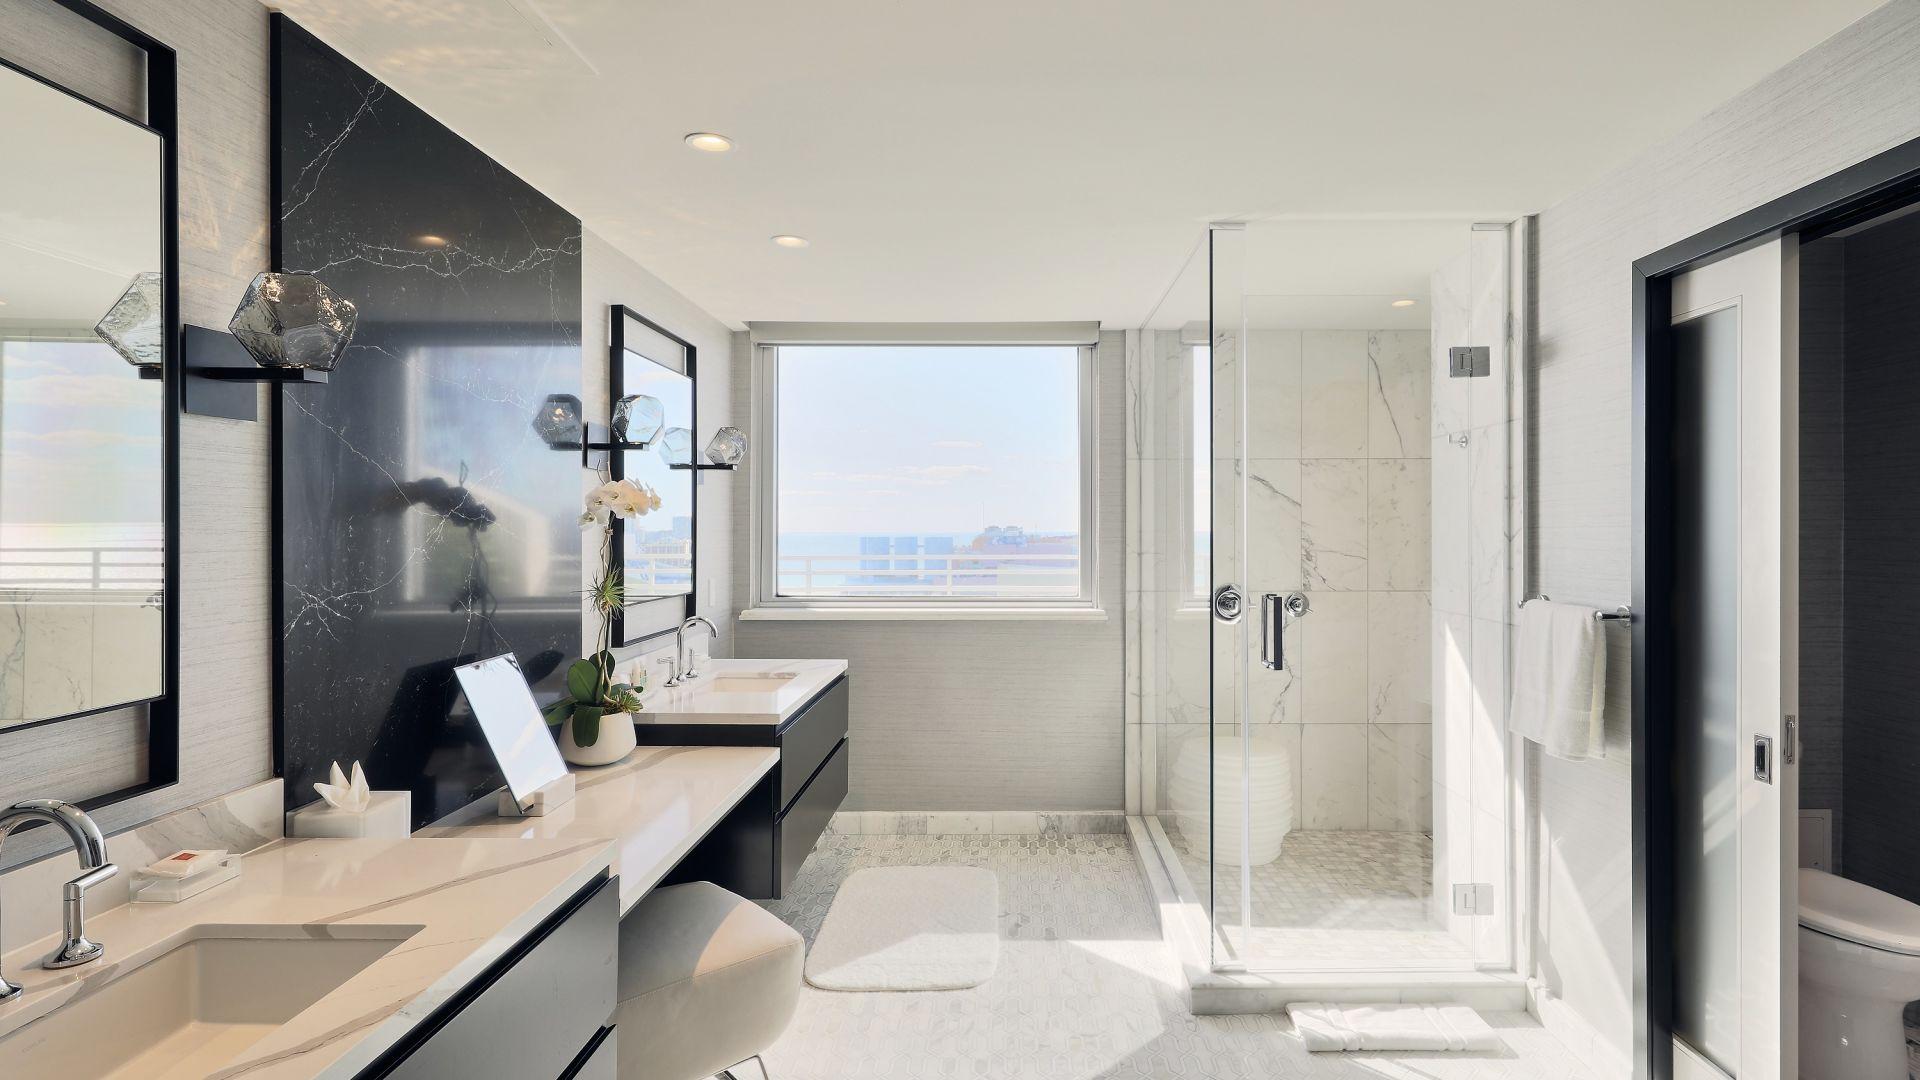 Eine Küche mit Waschbecken und einem Spiegel